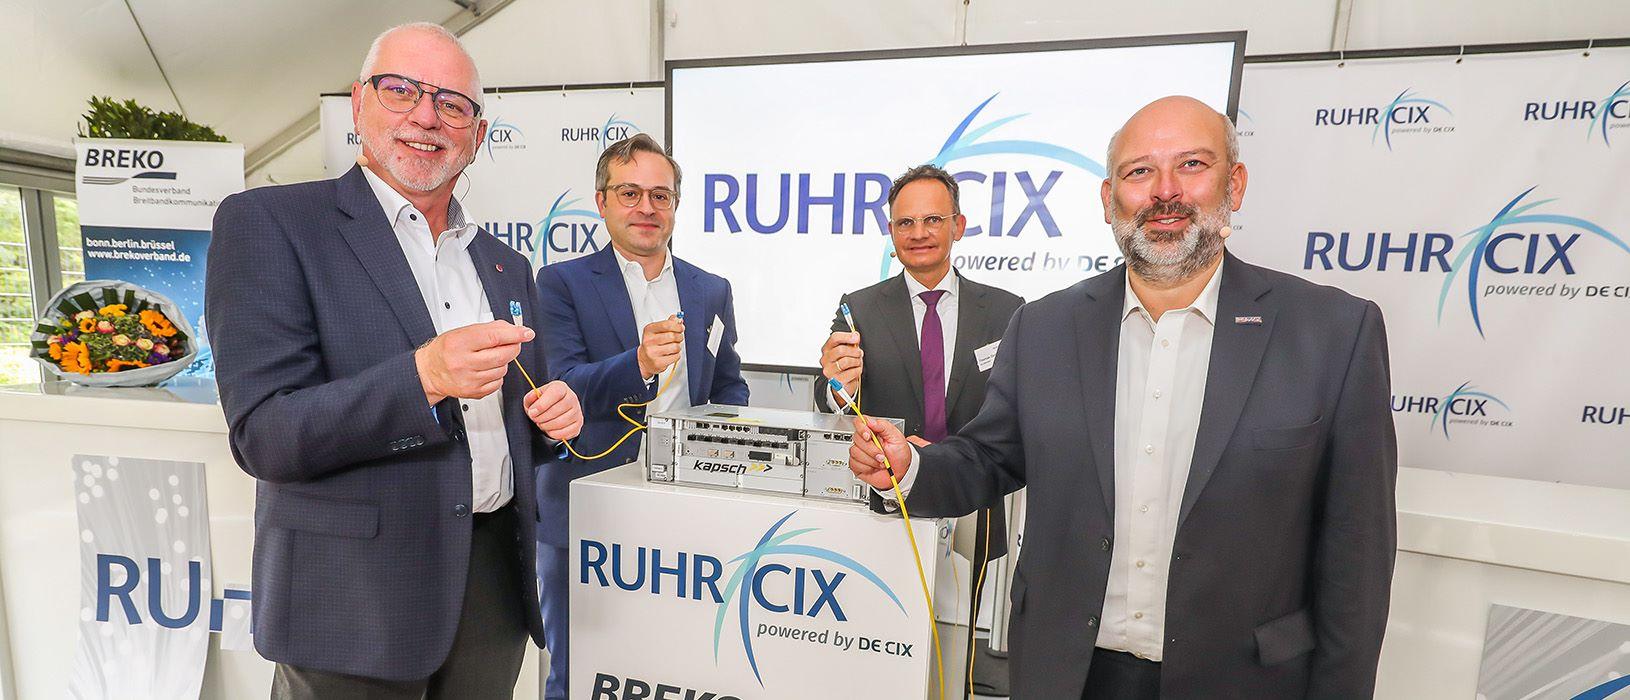 Geschäftsleute bei der Pressekonferenz zum Startschuss des Internetknotens Ruhr-CIX im Ruhrgebiet